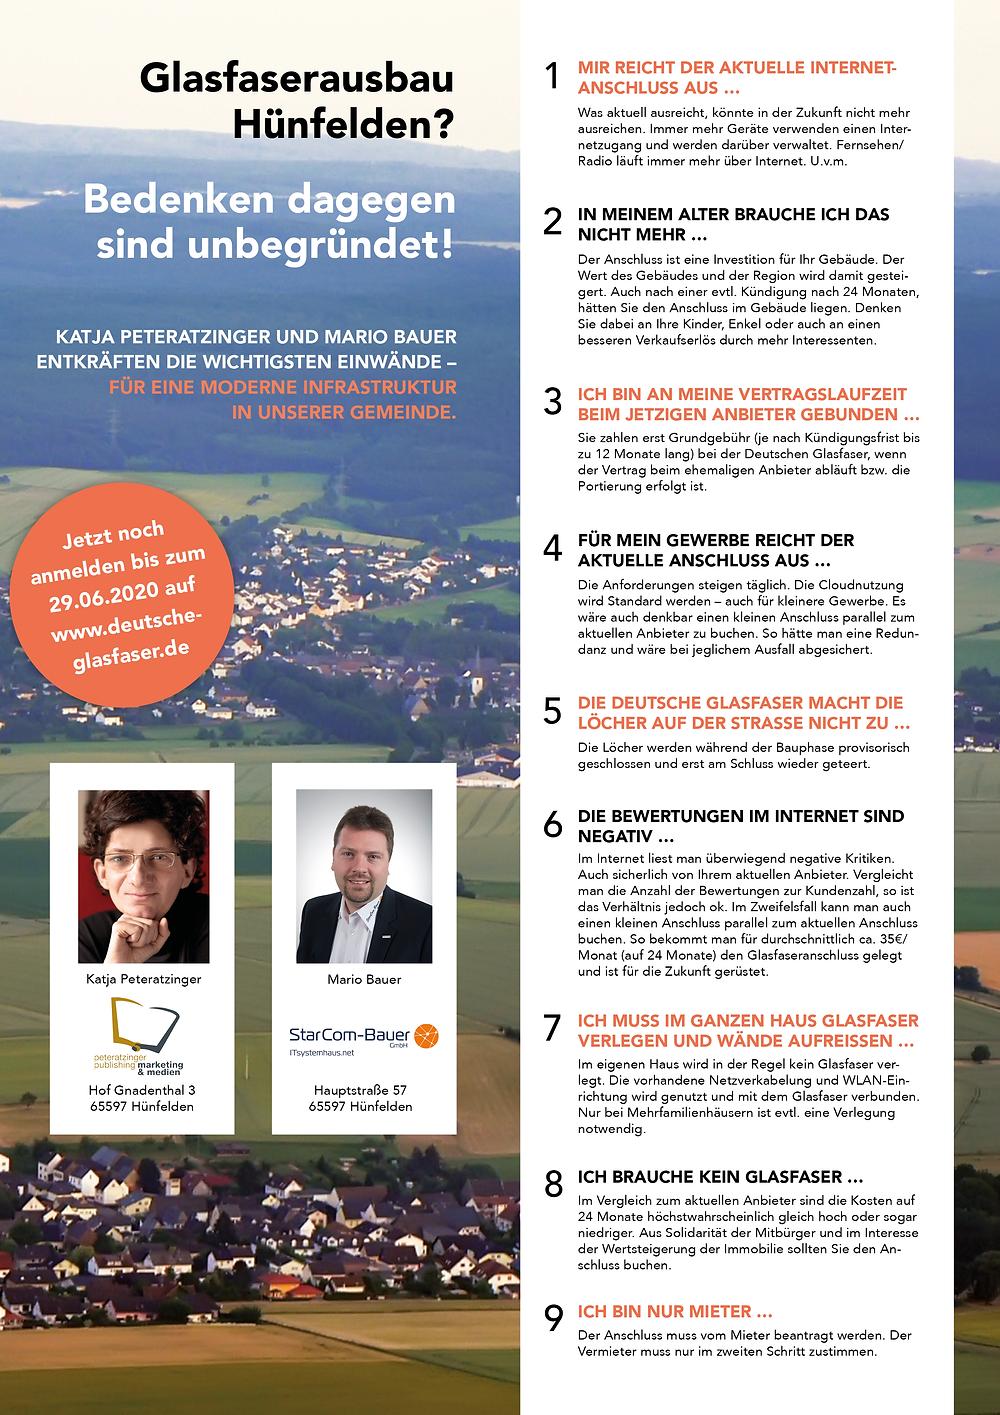 Glasfaserausbau Hünfelden? Katja Peteratzinger von Peteratzinger-Publishing und Mario Bauer, von StarCom Bauer GmbH, entkräften die wichtigsten Einwände.